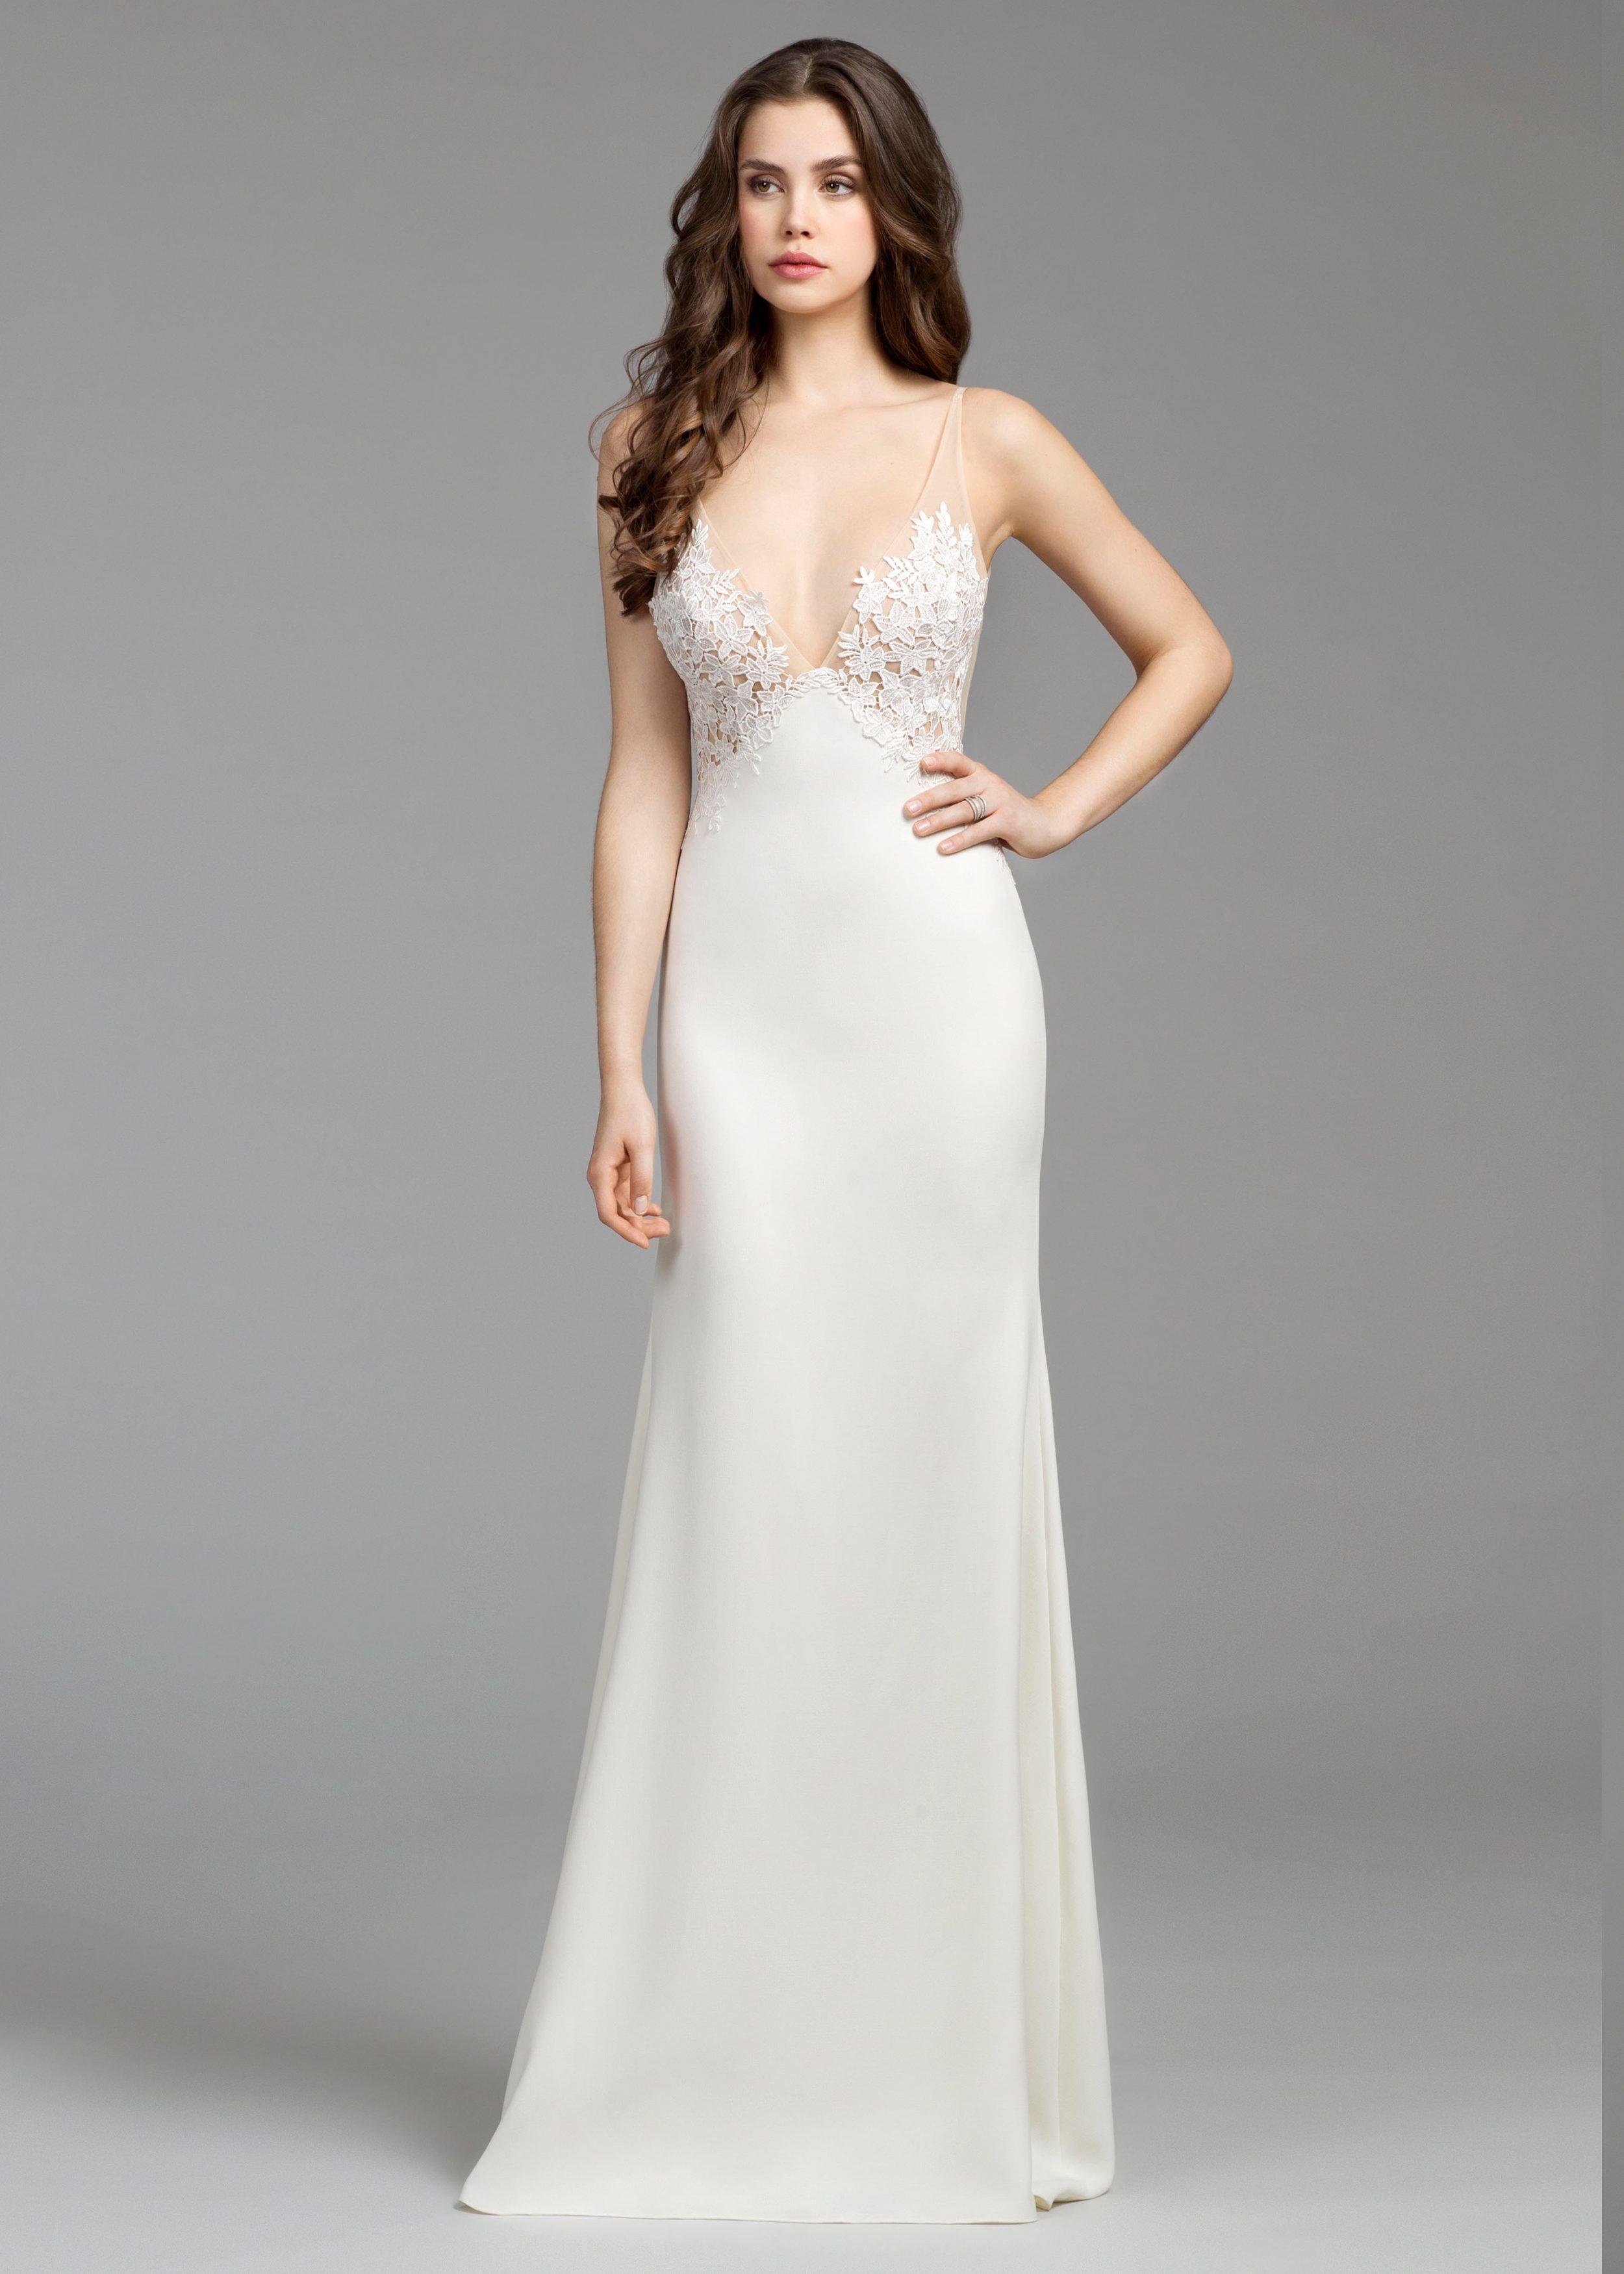 894a07204d Davids Bridal Bridesmaid Dresses Sale